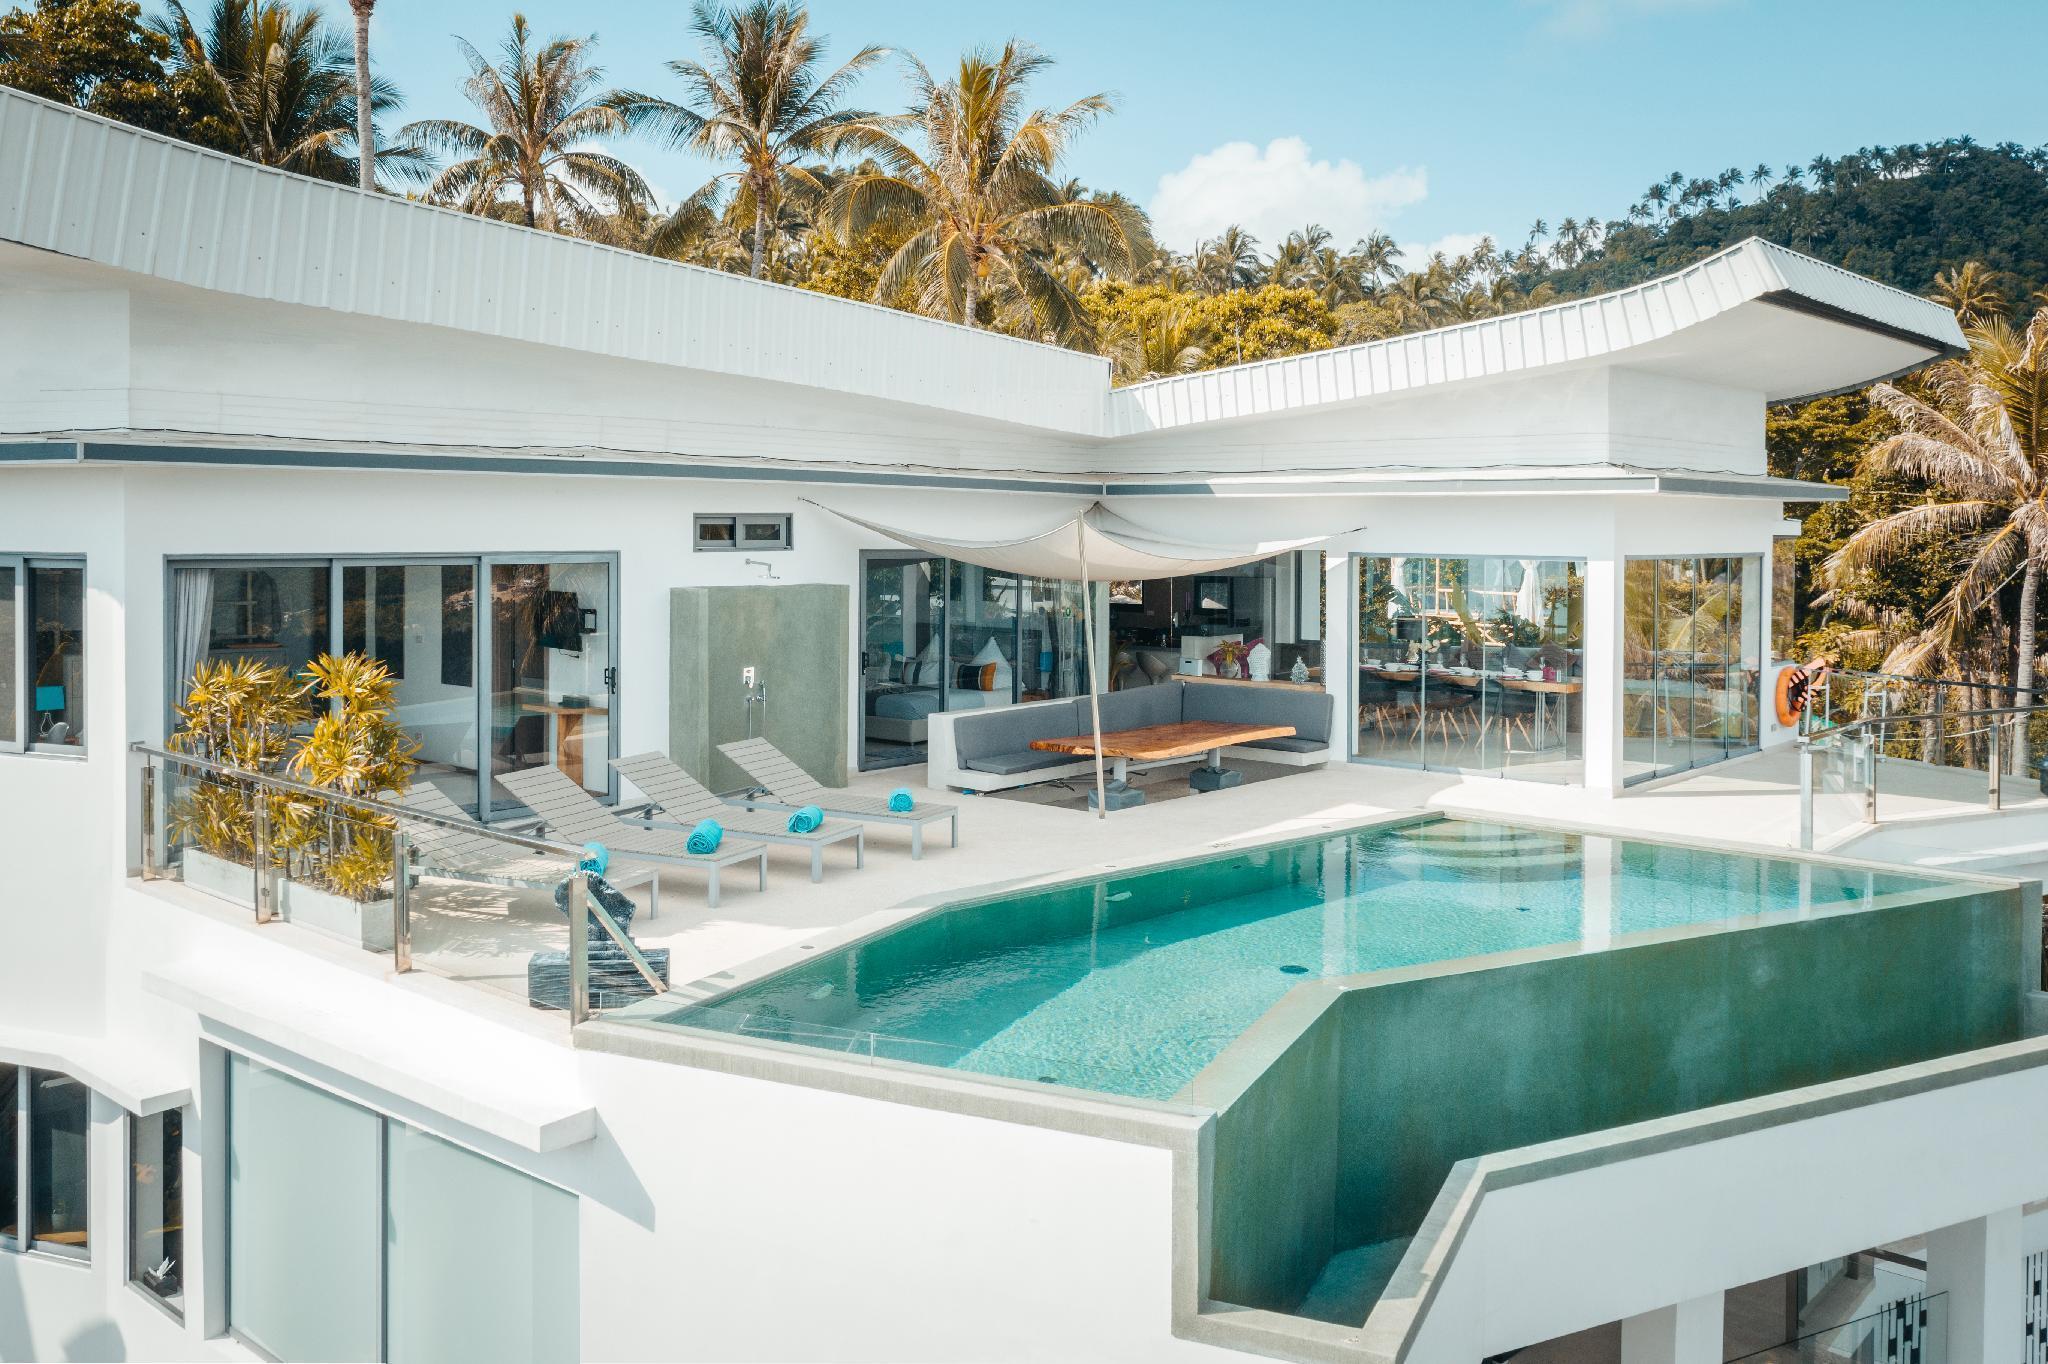 Paradise Villa วิลลา 3 ห้องนอน 3 ห้องน้ำส่วนตัว ขนาด 260 ตร.ม. – เฉวงน้อย